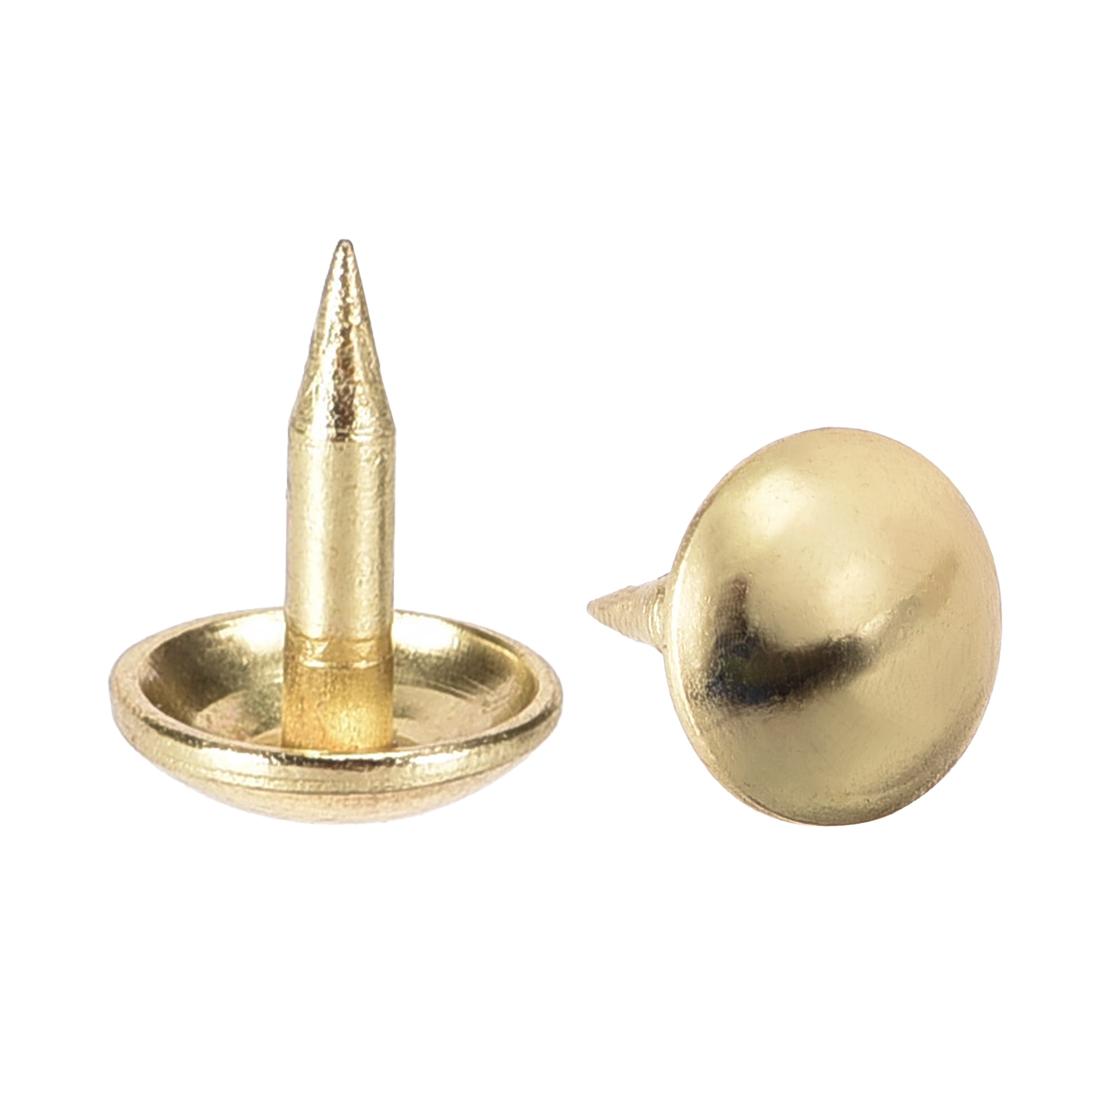 Upholstery Nails Tacks 8mm Dia 10mm Height Round Thumb Pins Gold Tone 100 Pcs